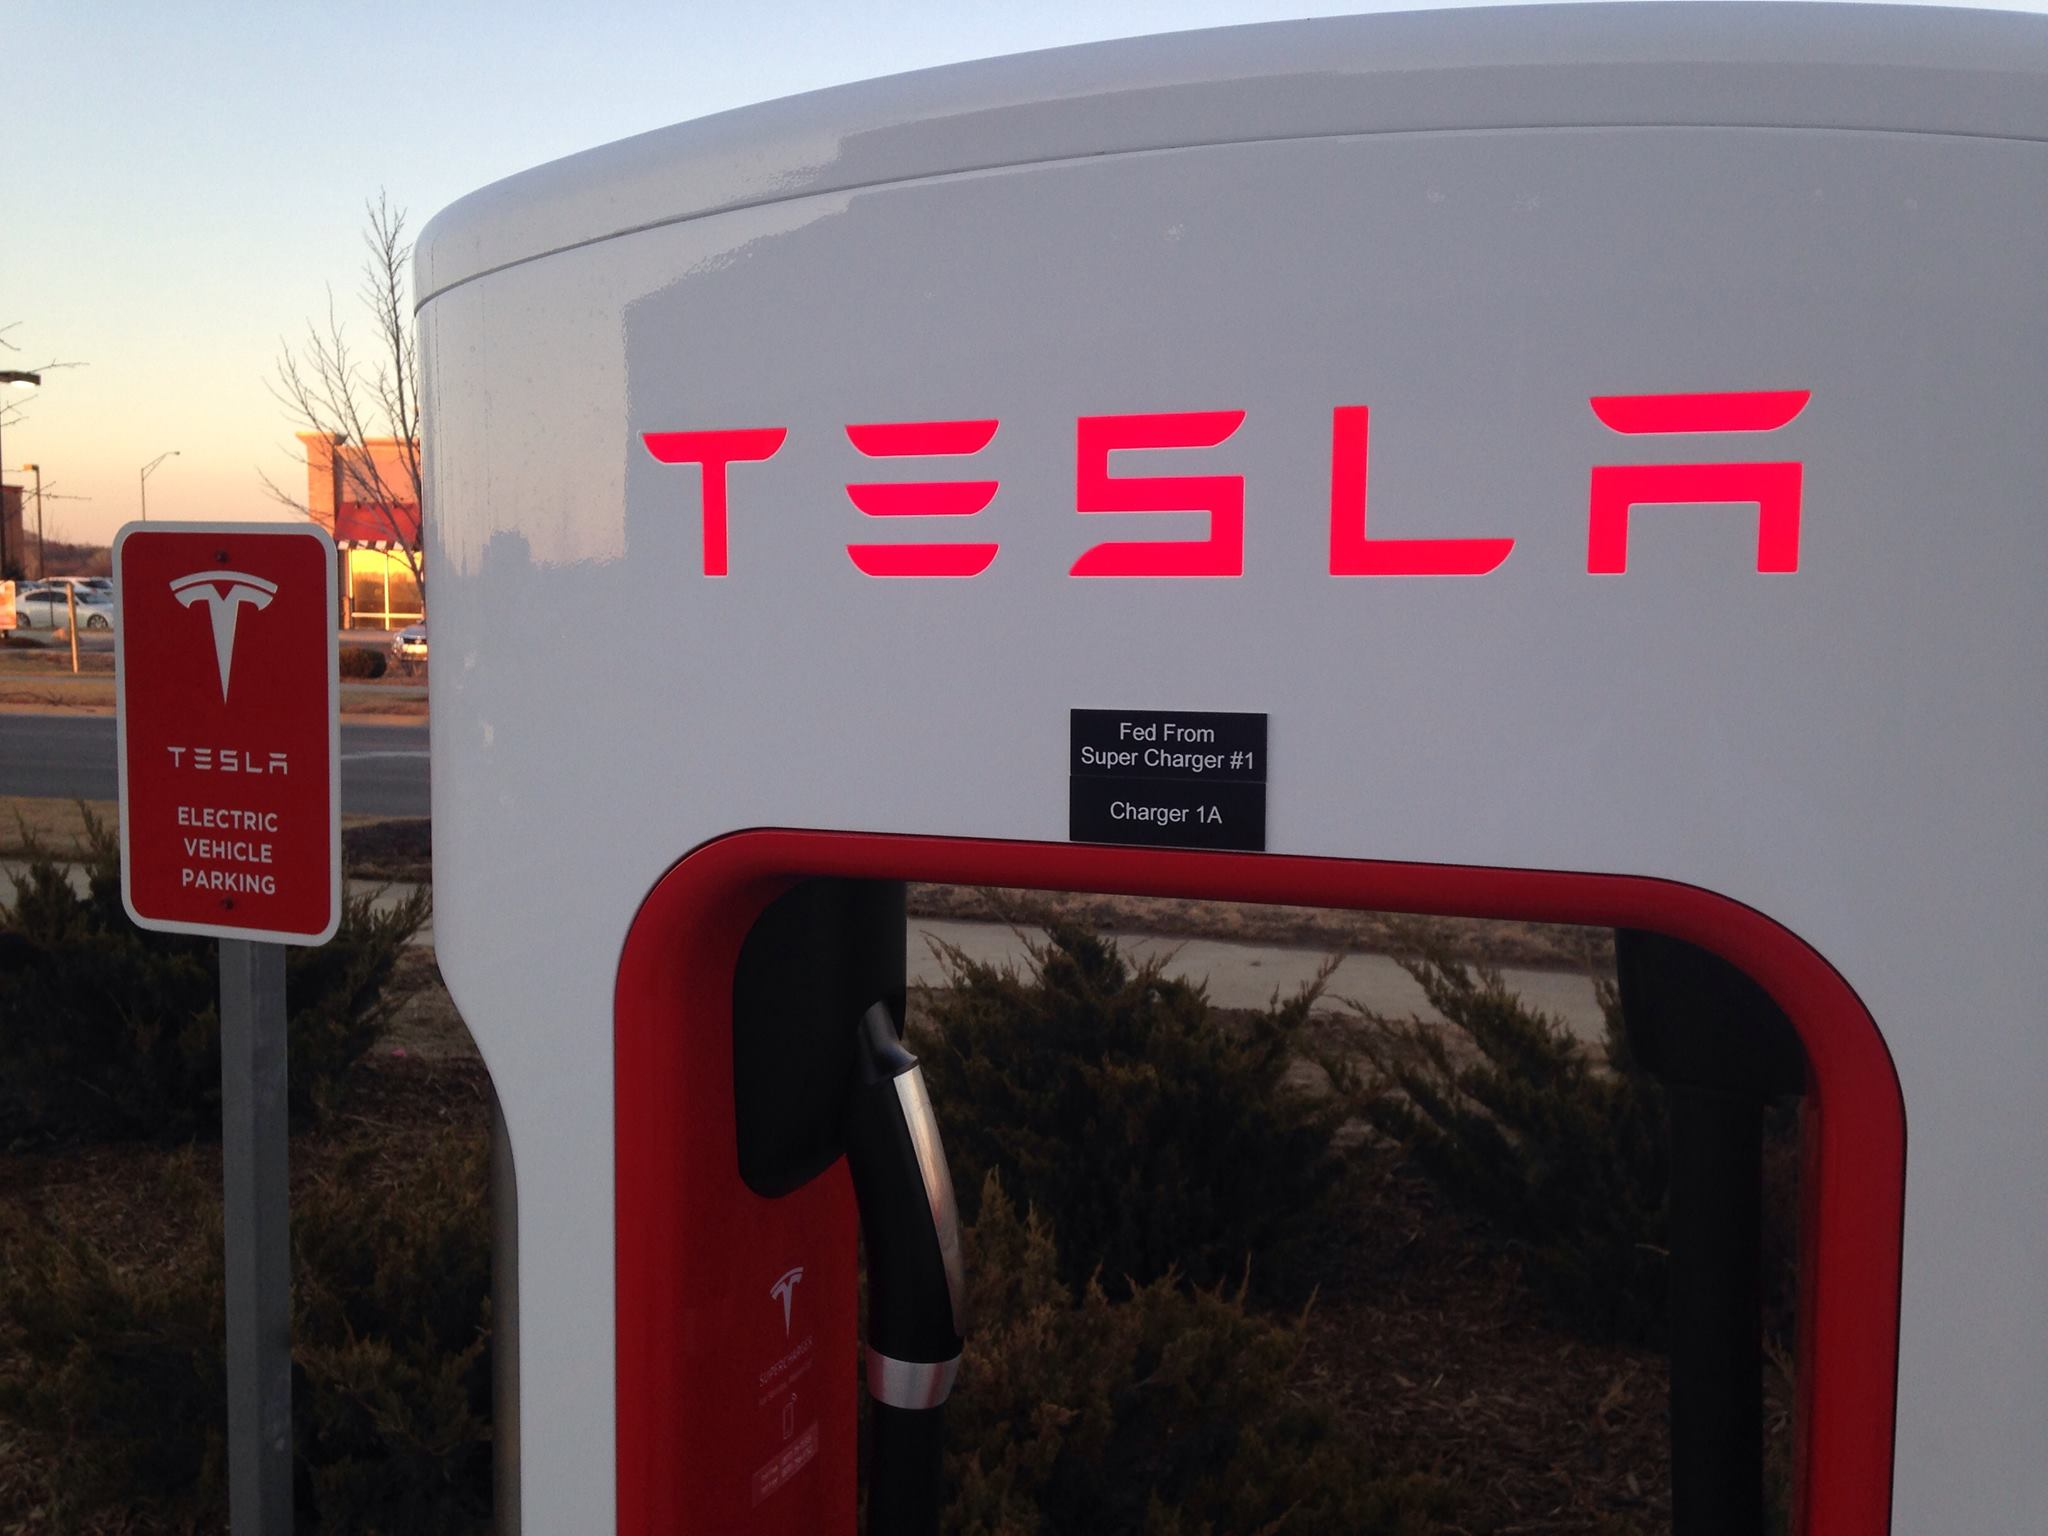 tesla-supercharger-logo-sign